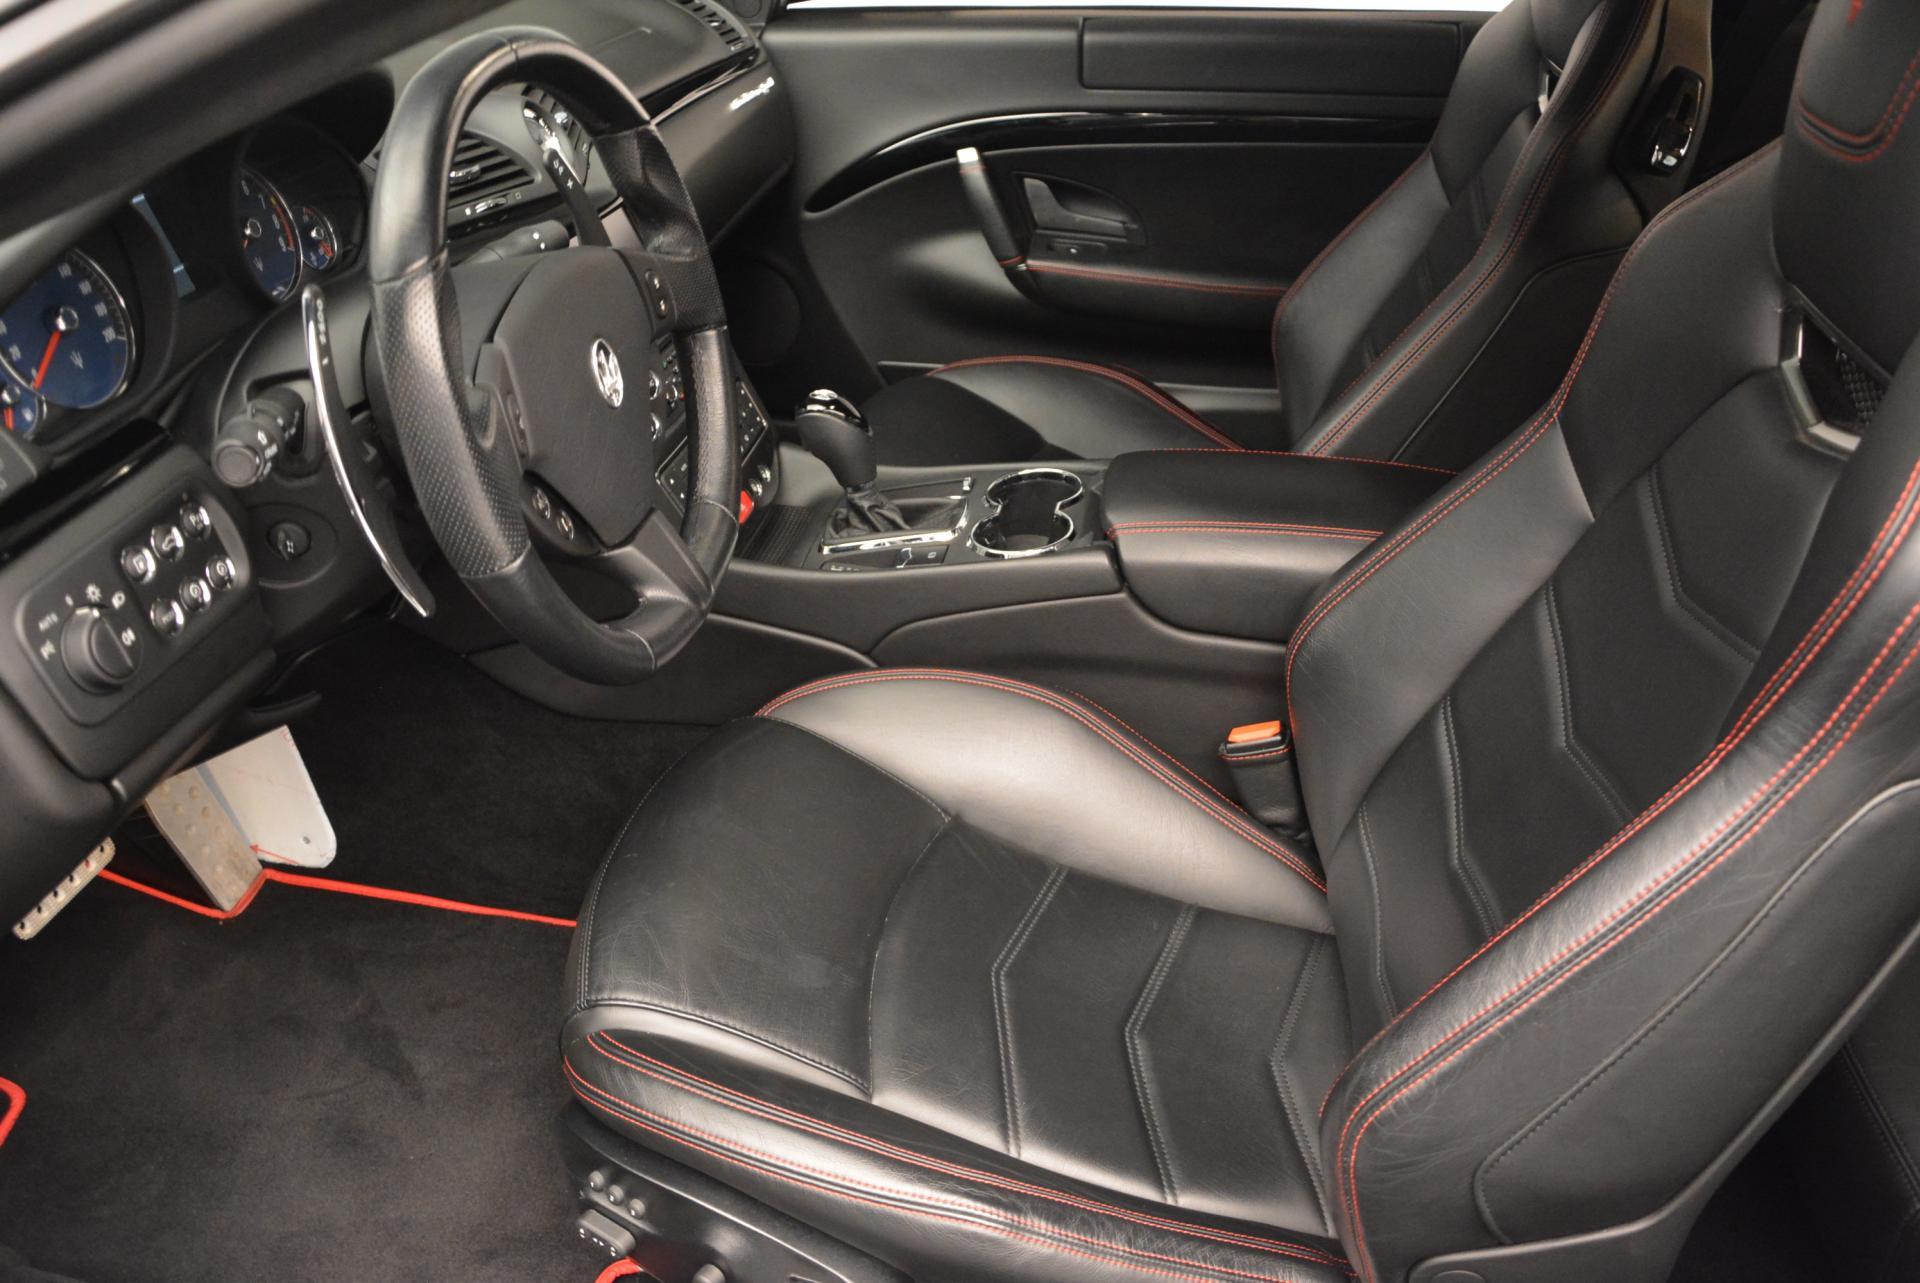 Used 2013 Maserati GranTurismo Sport For Sale In Greenwich, CT 46_p14